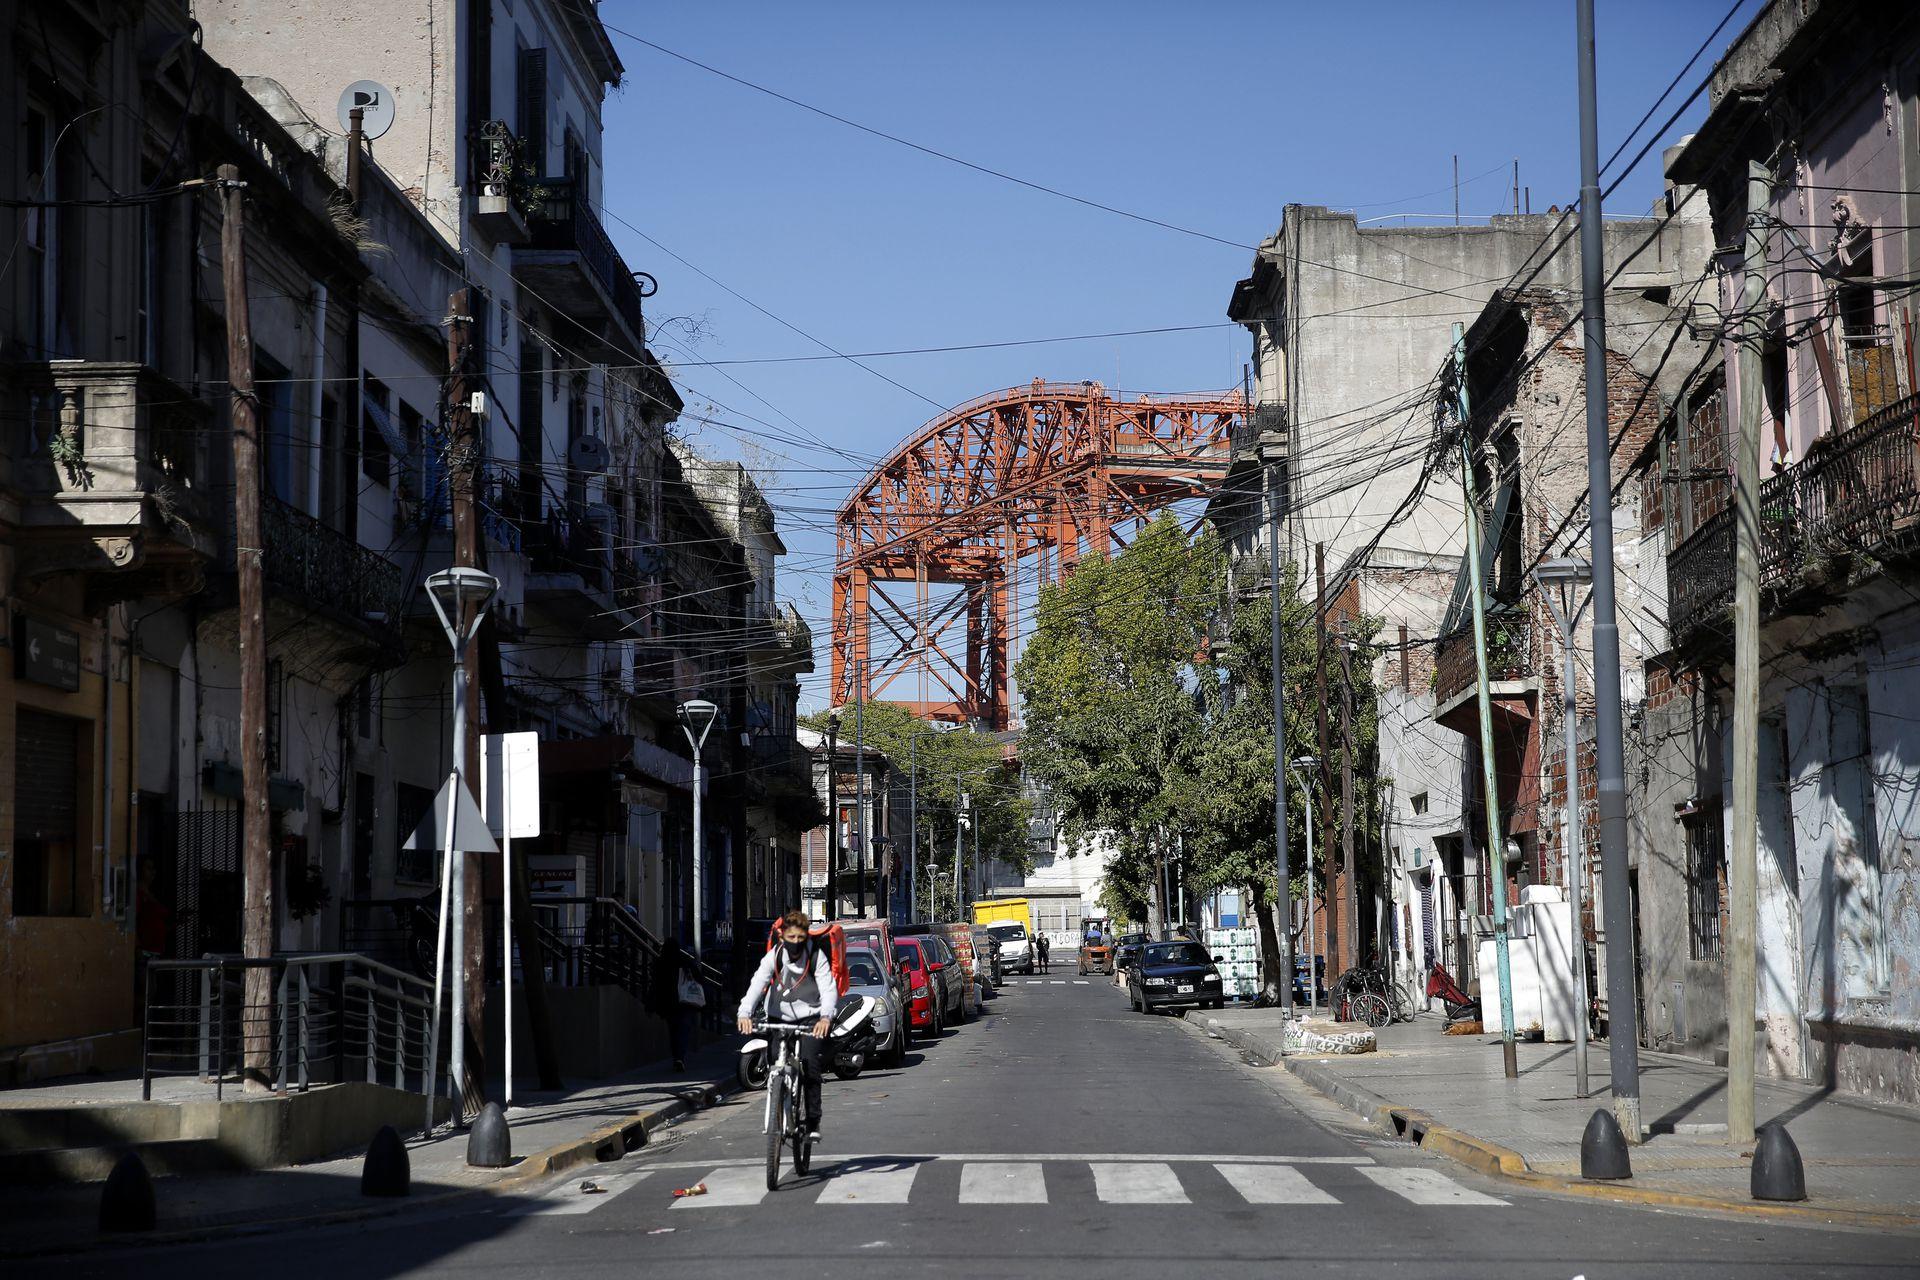 La estructura del puente Nicolás Avellaneda en el extremo sur de la calle Necochea sin cantinas y con propiedades intrusadas